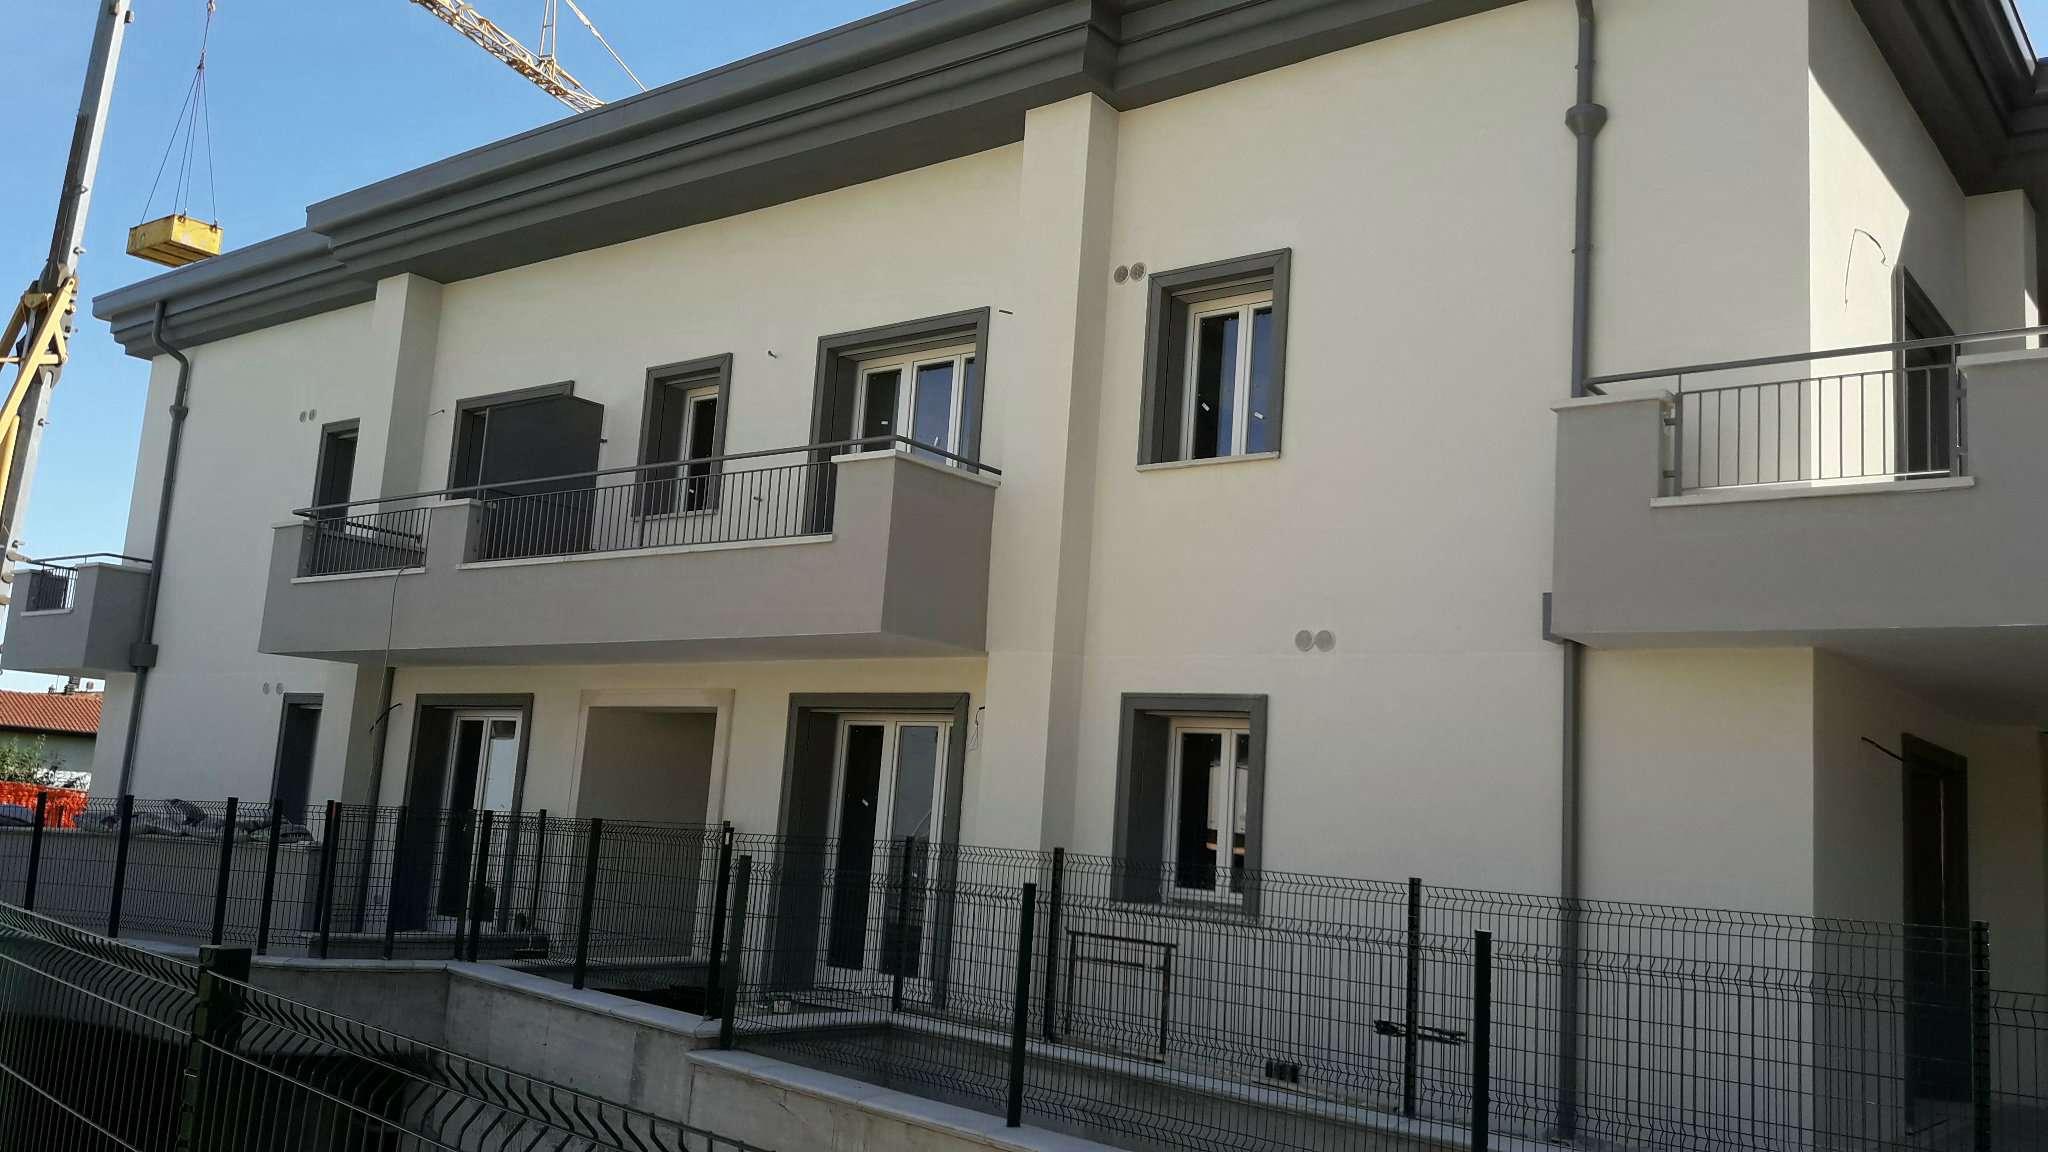 Appartamento in vendita a Lurate Caccivio, 3 locali, prezzo € 155.000 | Cambio Casa.it